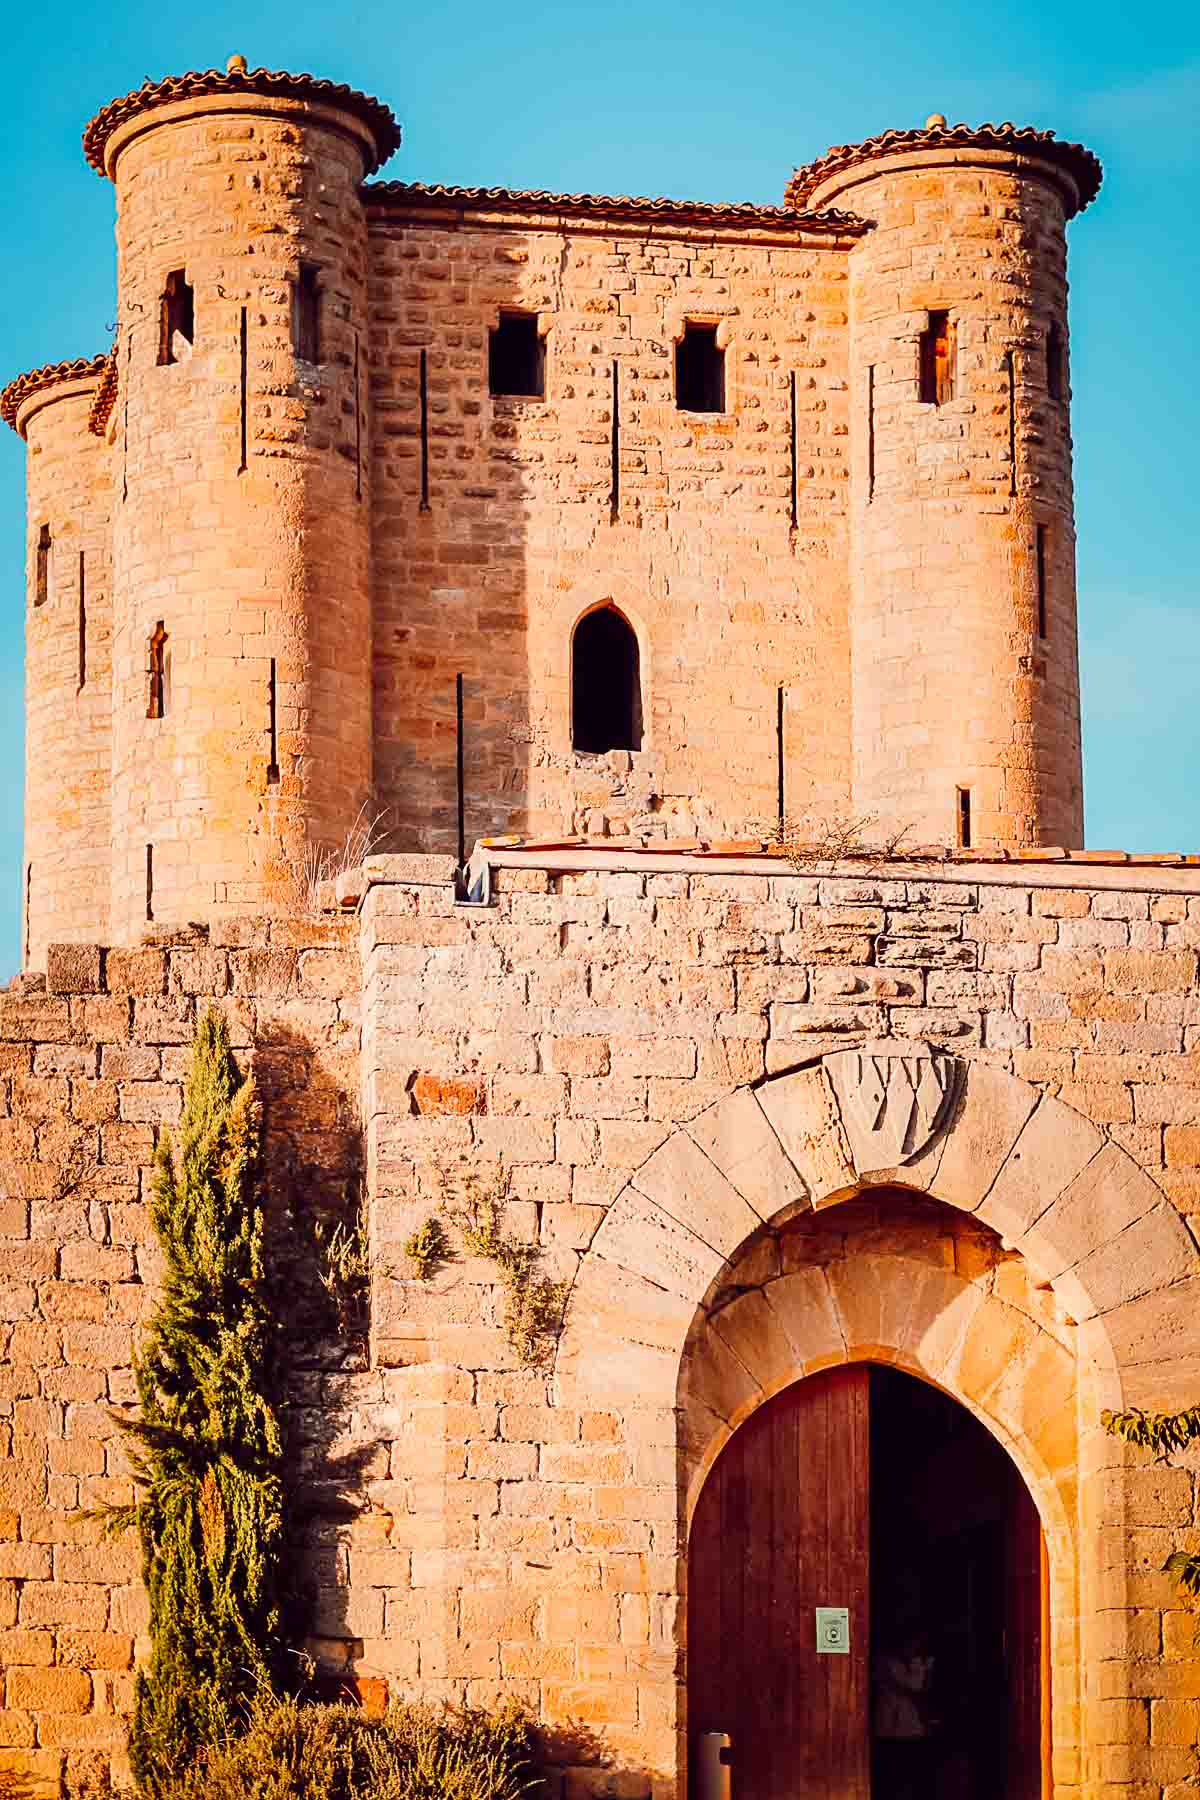 visiter le Château d'Arques avec son donjon gothique